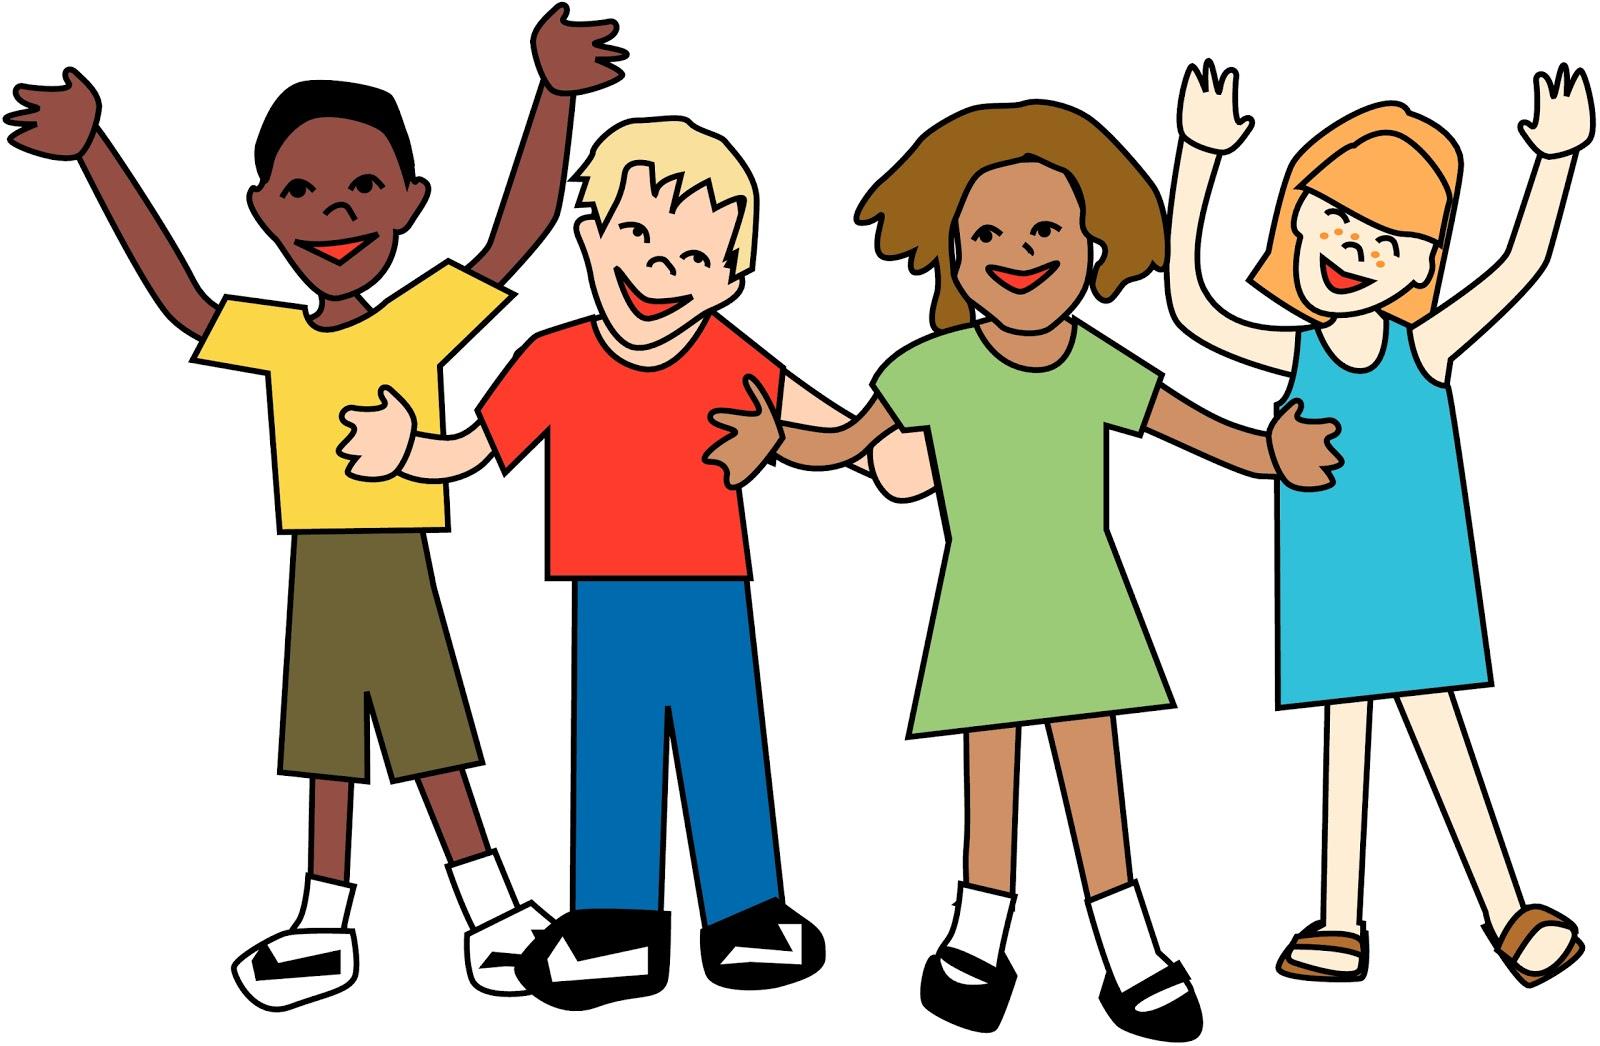 Clipart Friends & Friends Clip Art Images.